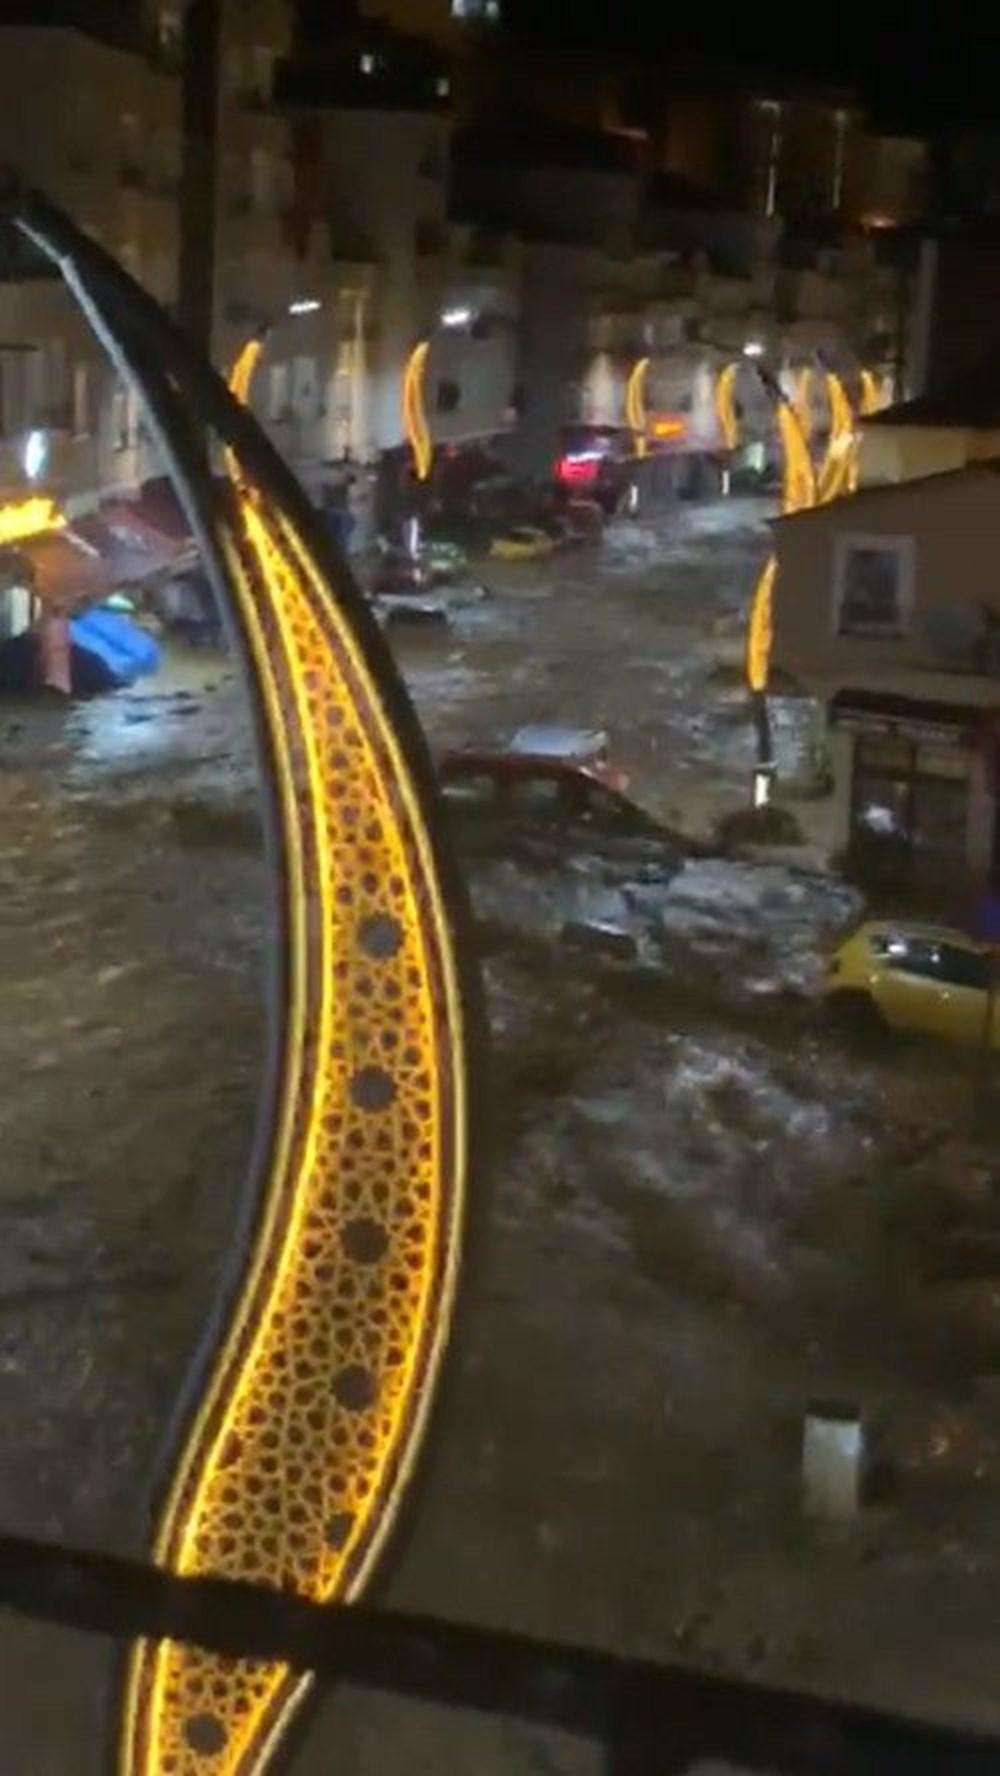 Giresun'u sel vurdu: 4 kişi hayatını kaybetti - 4